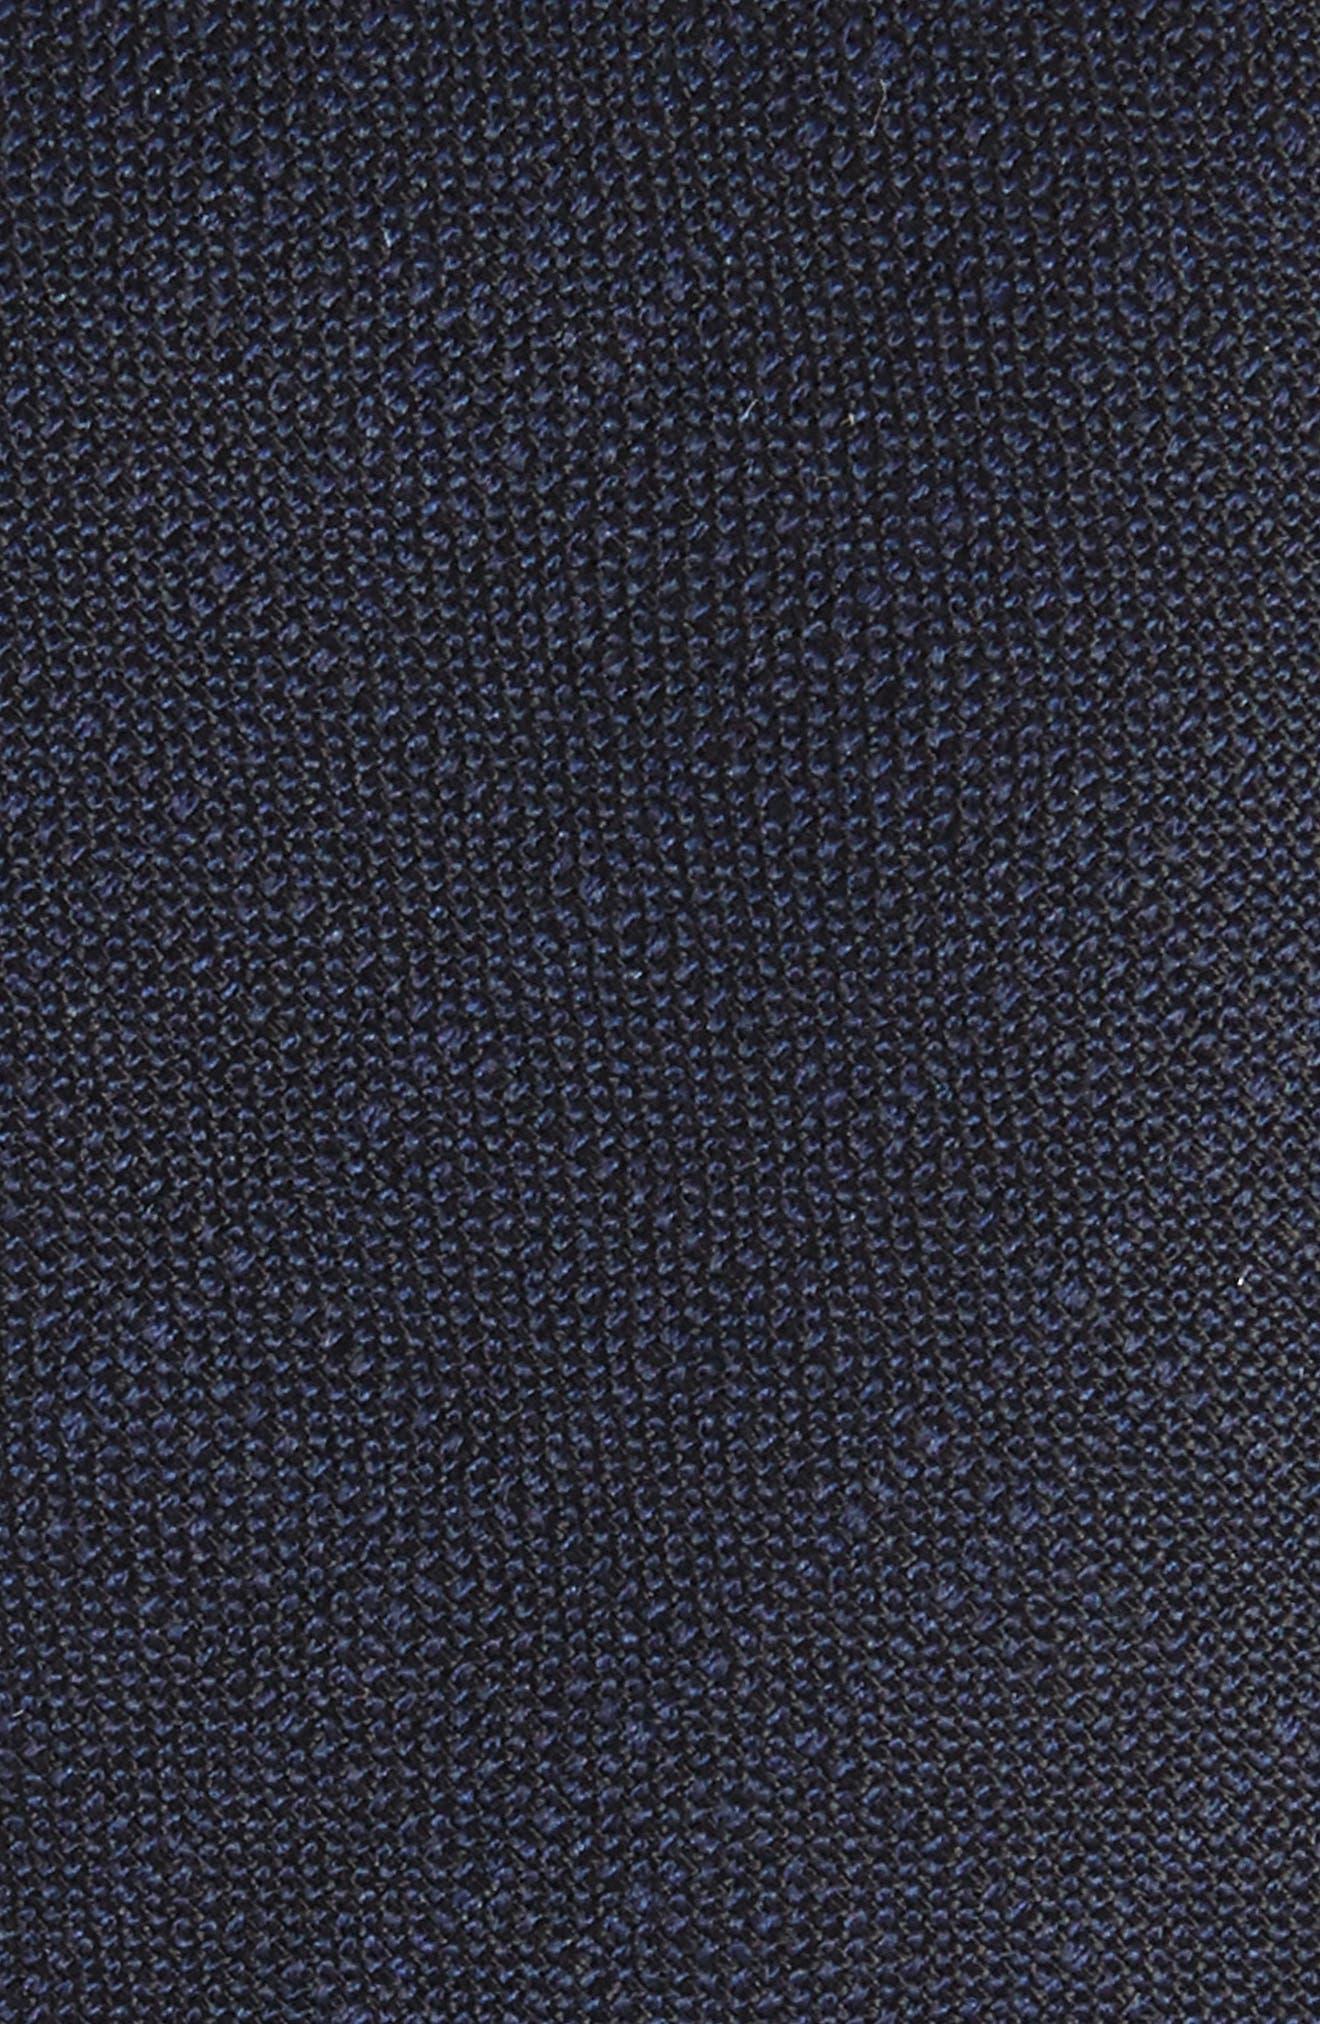 Jaspé Wool Skinny Tie,                             Alternate thumbnail 2, color,